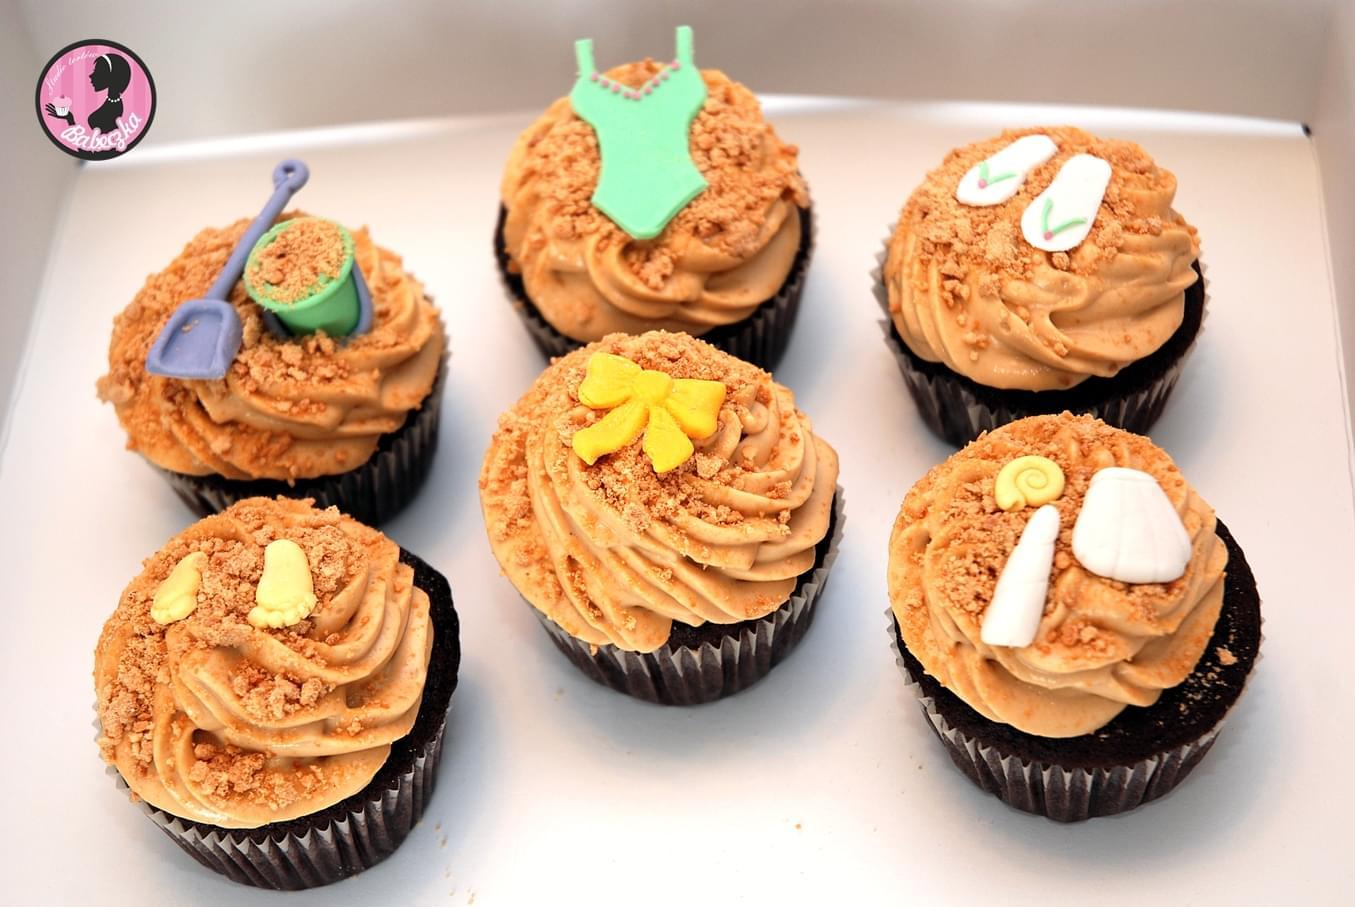 śmieszne fajne wesołe muffinki pomysły inspiracje dekoracje